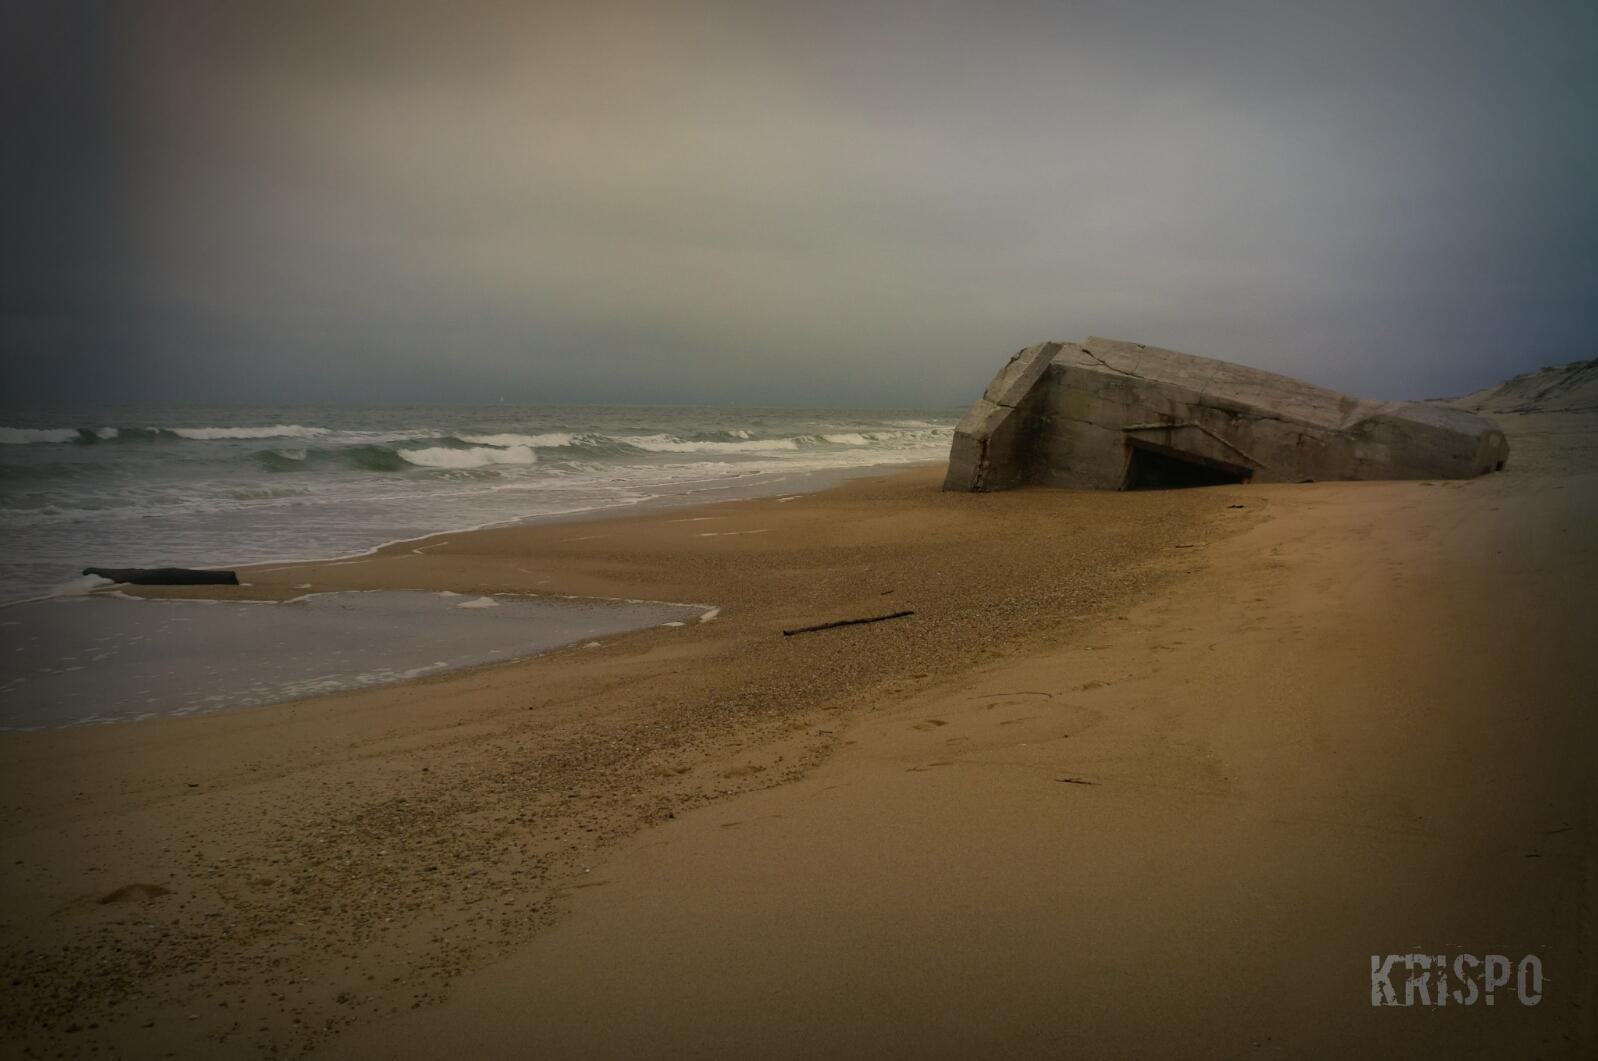 bunker de segunda guerra mundial a orillas del mar en las landas